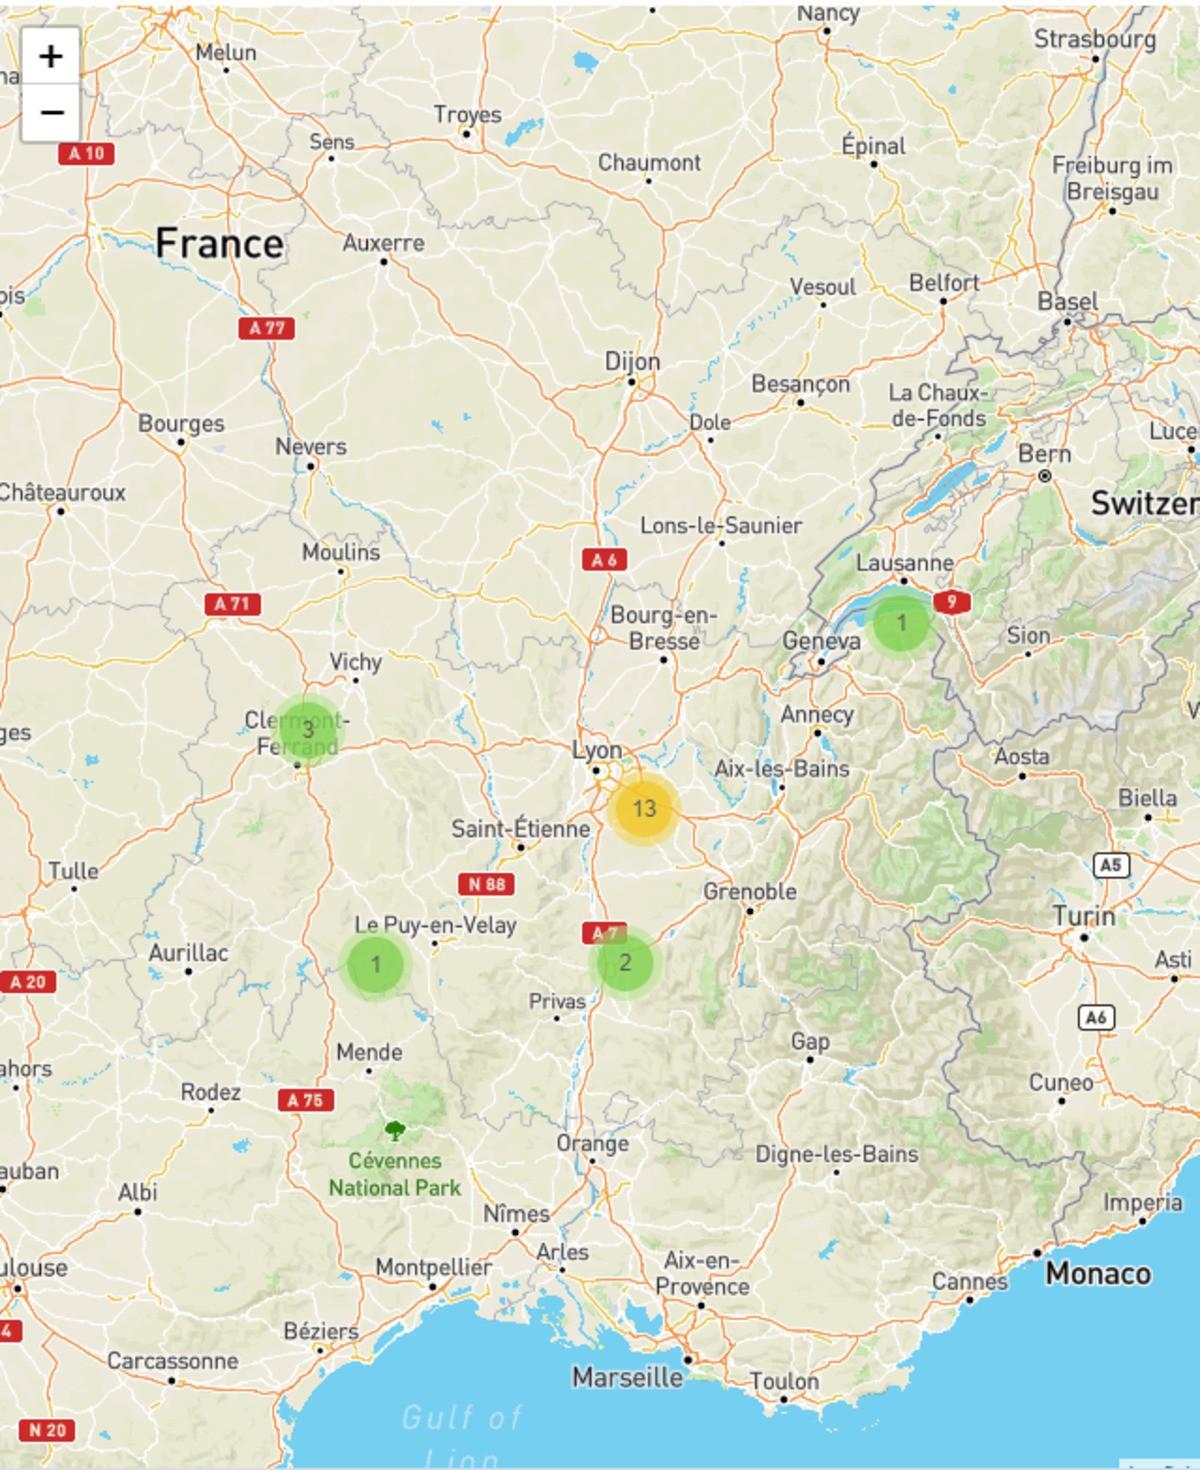 [CARTO EIT] La cartographie EIT 2020 est accessible ! Figurez vous aussi sur la version 2021